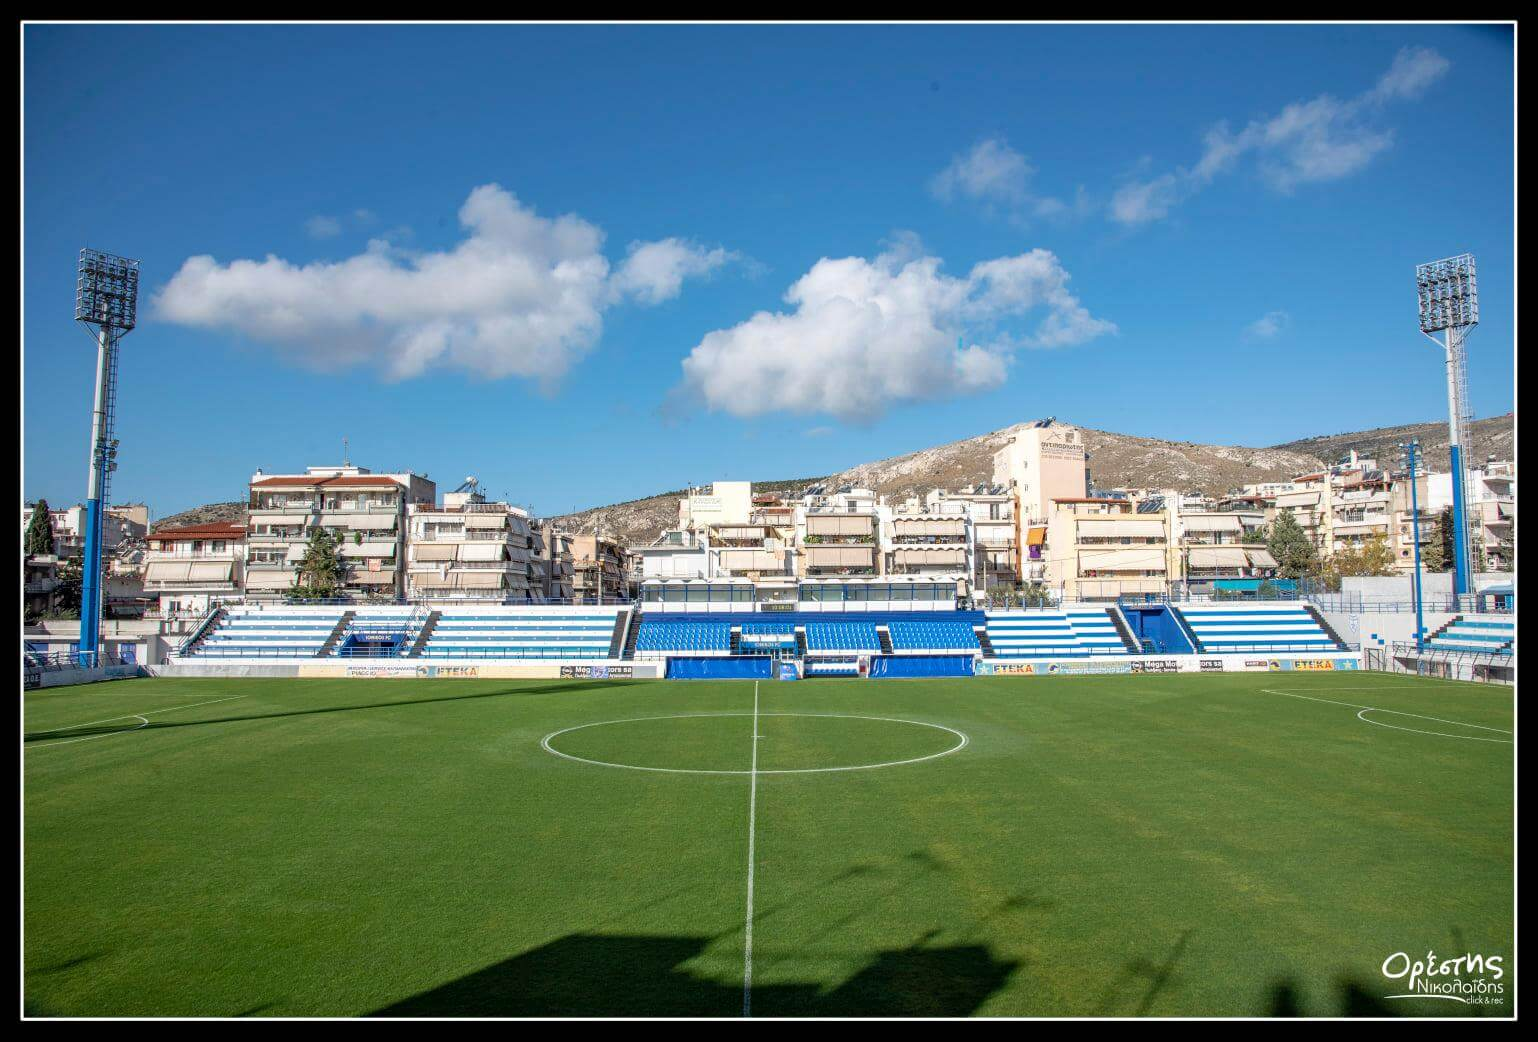 Ο Γιώργος Ιωακειμίδης για το γήπεδο του Ιωνικού : Περιμένουμε με ανυπομονησία το πρώτο παιχνίδι